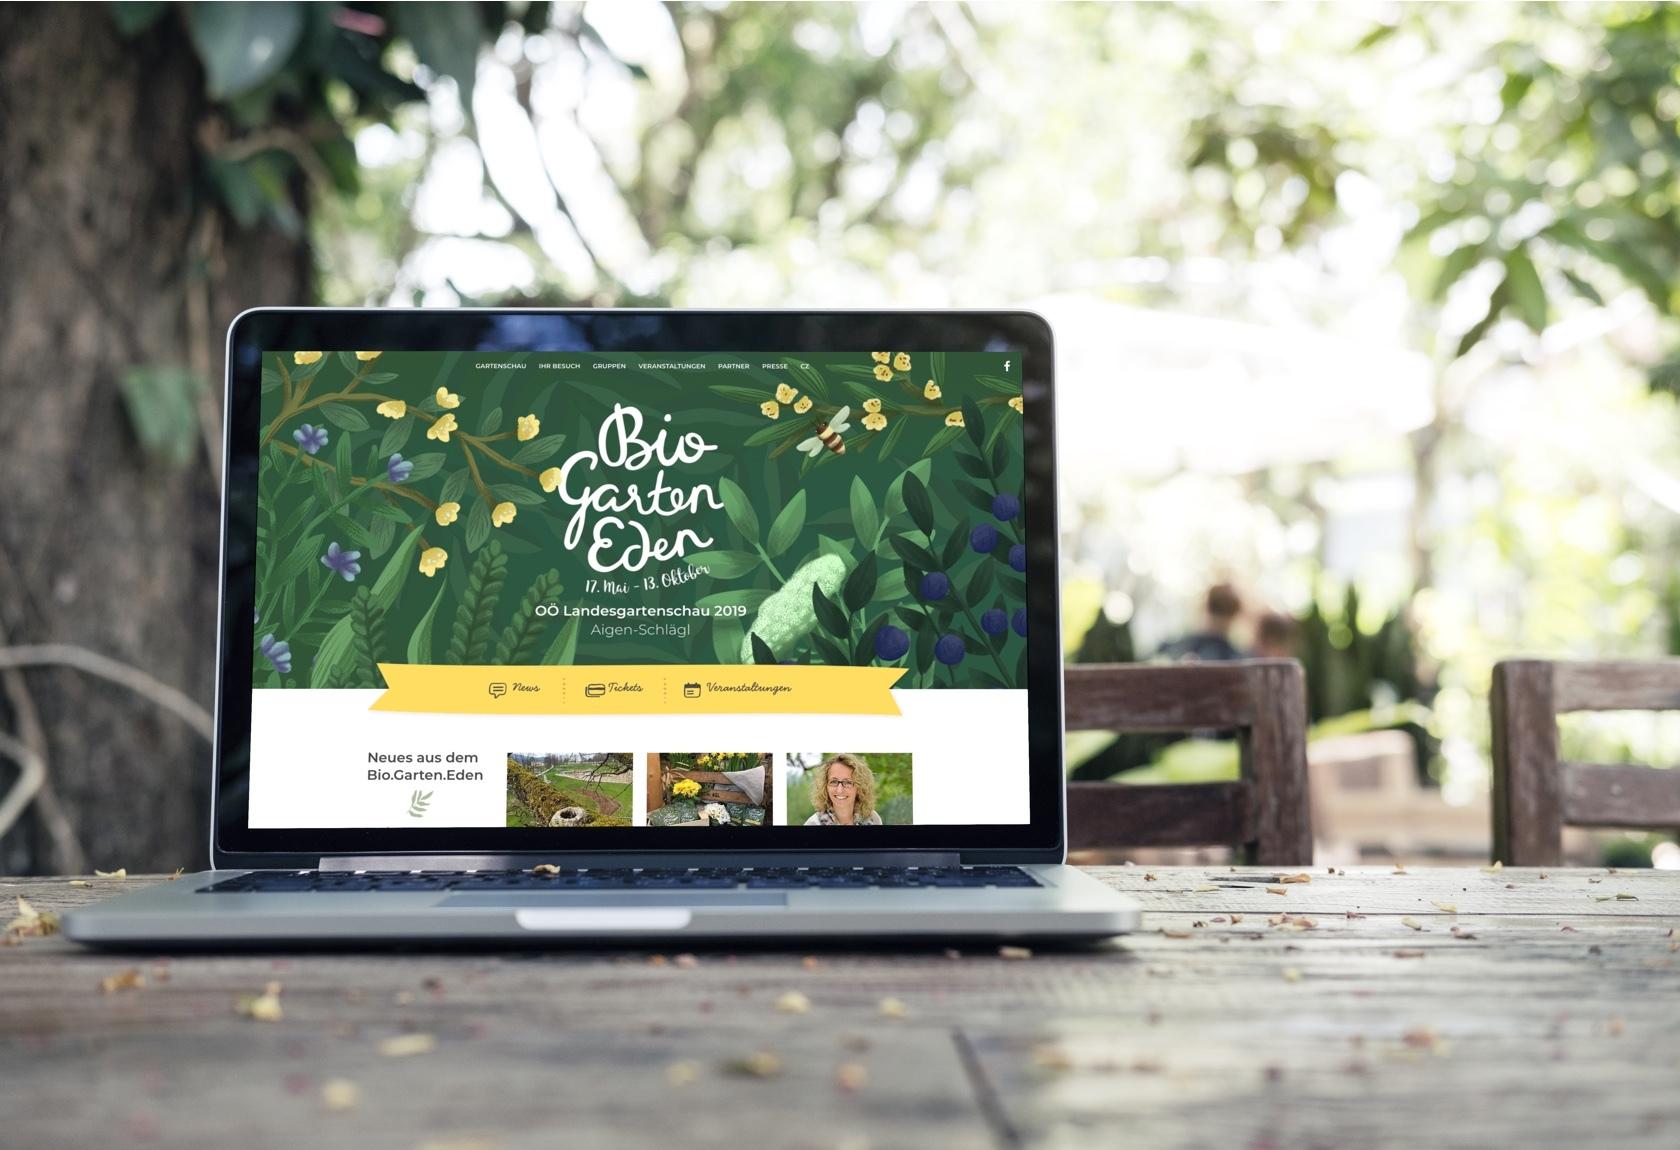 OÖ Landesgartenschau Website